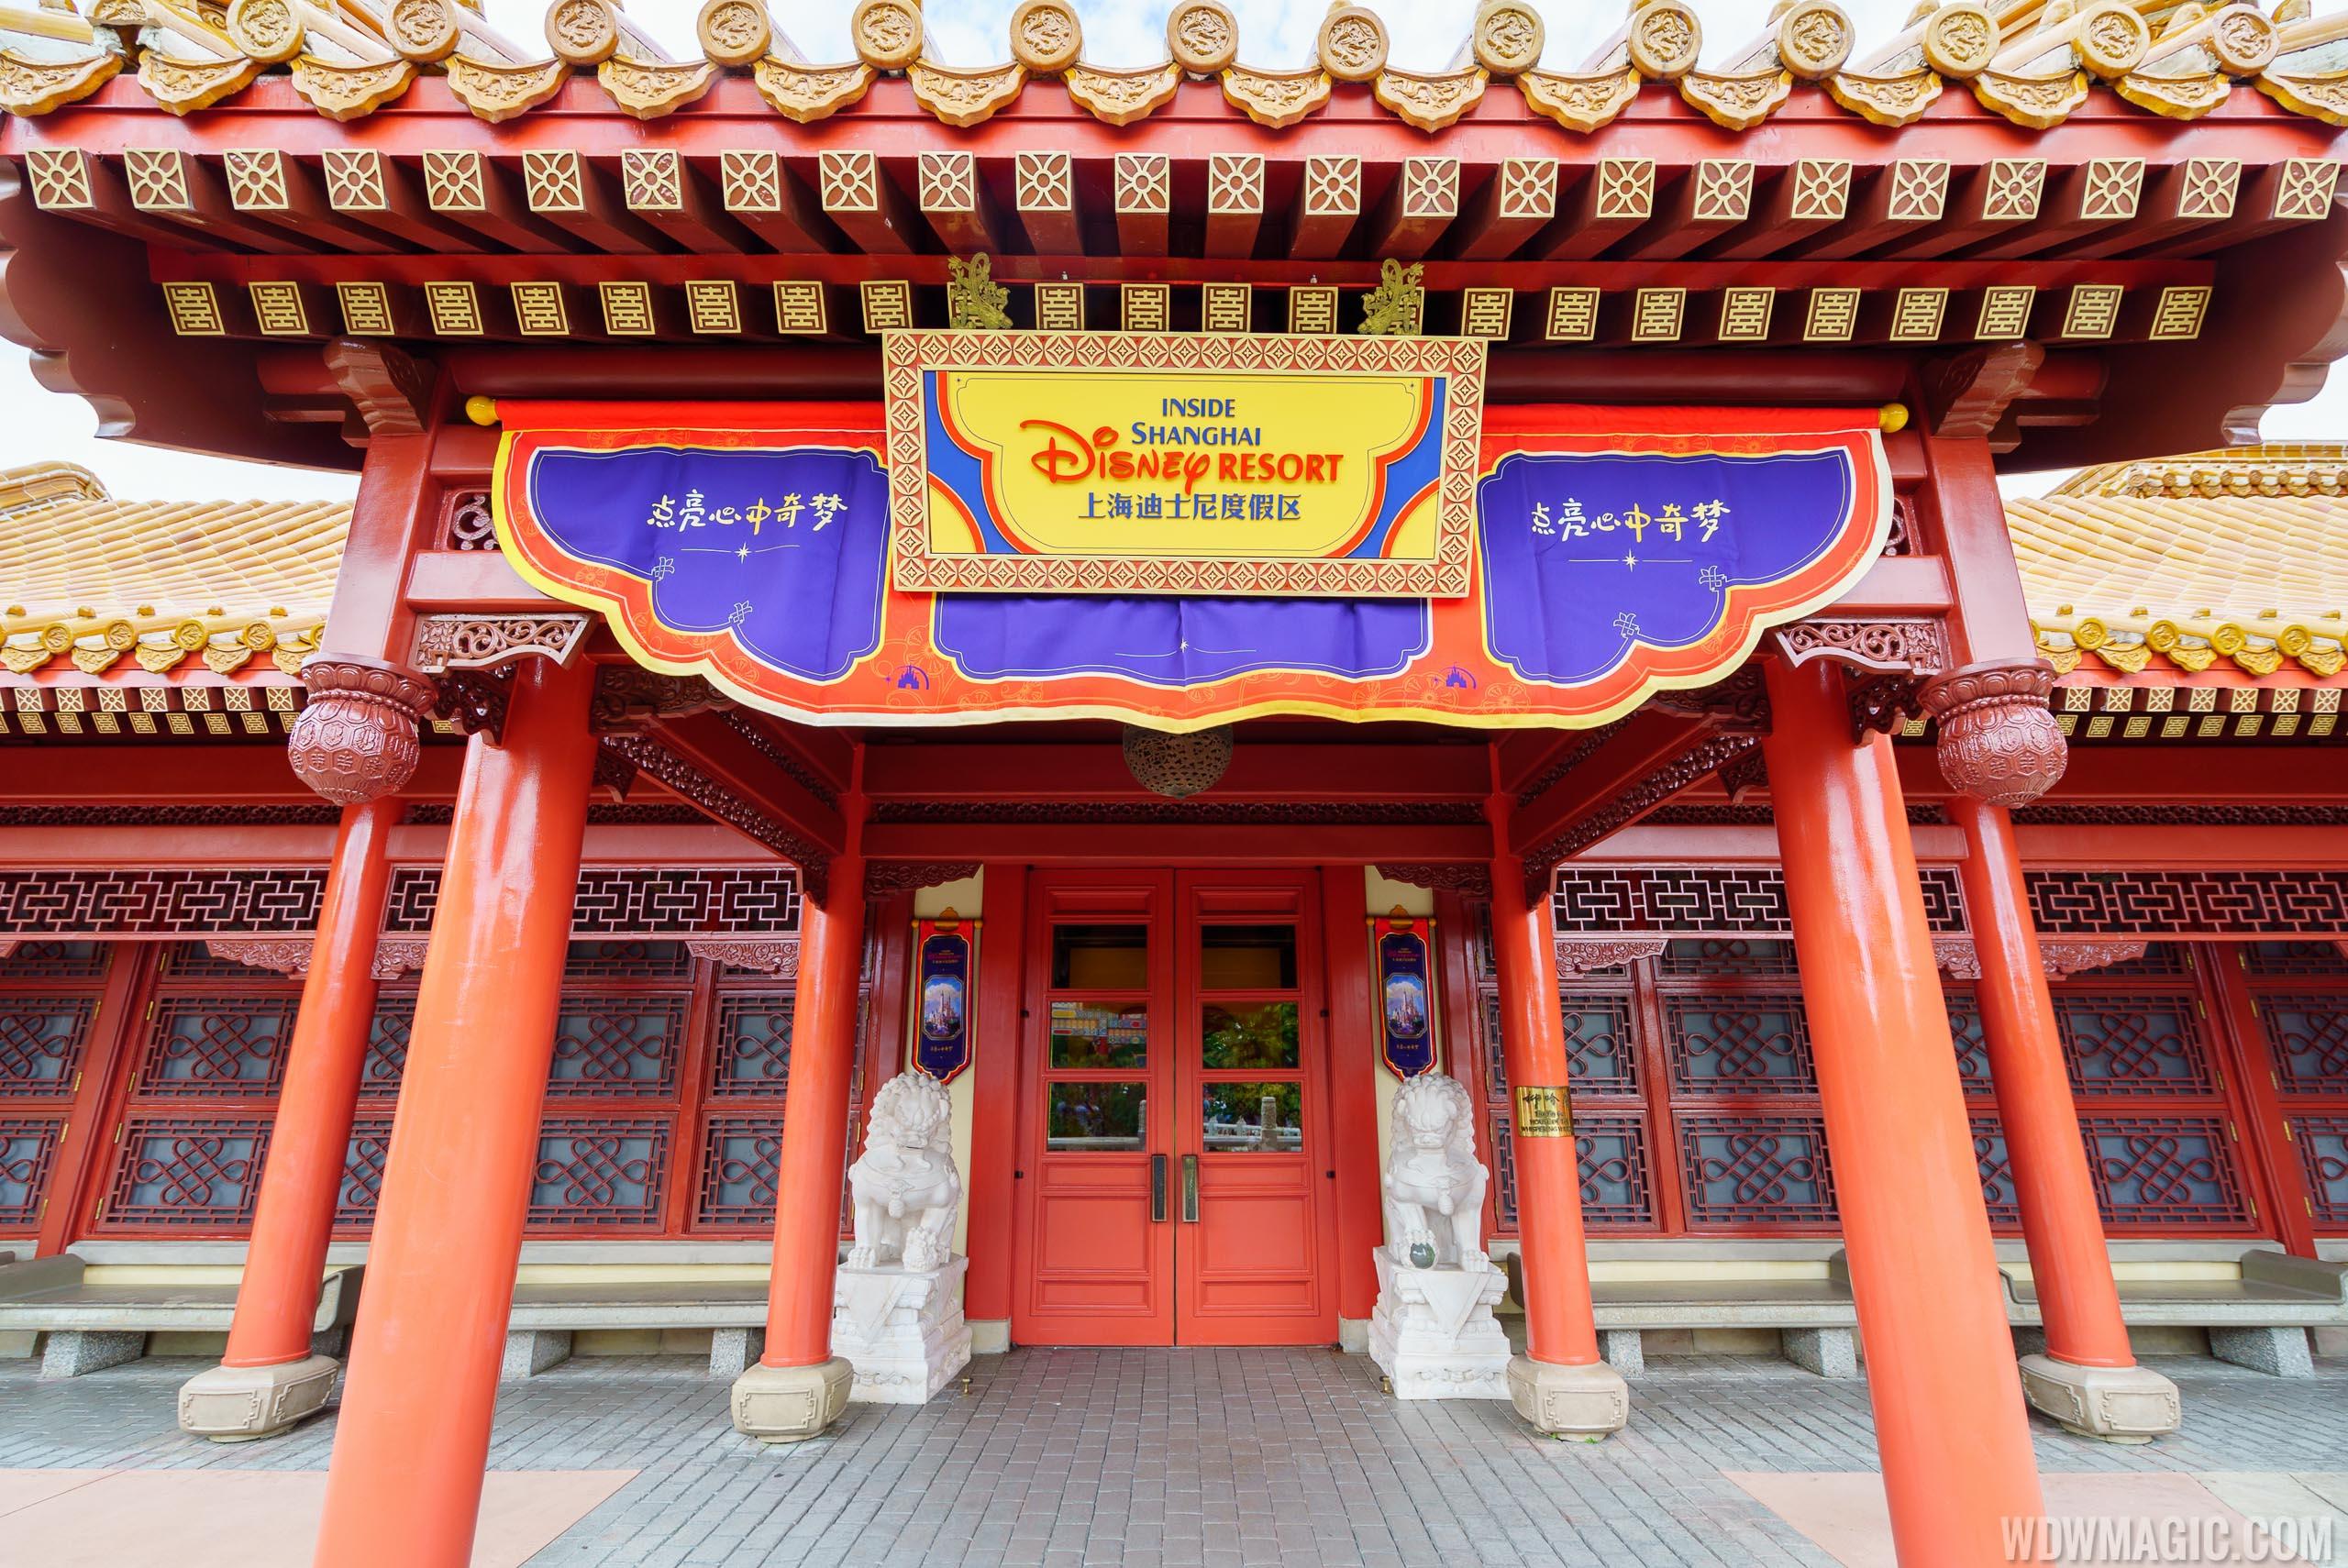 Inside Shanghai Disney Resort overview